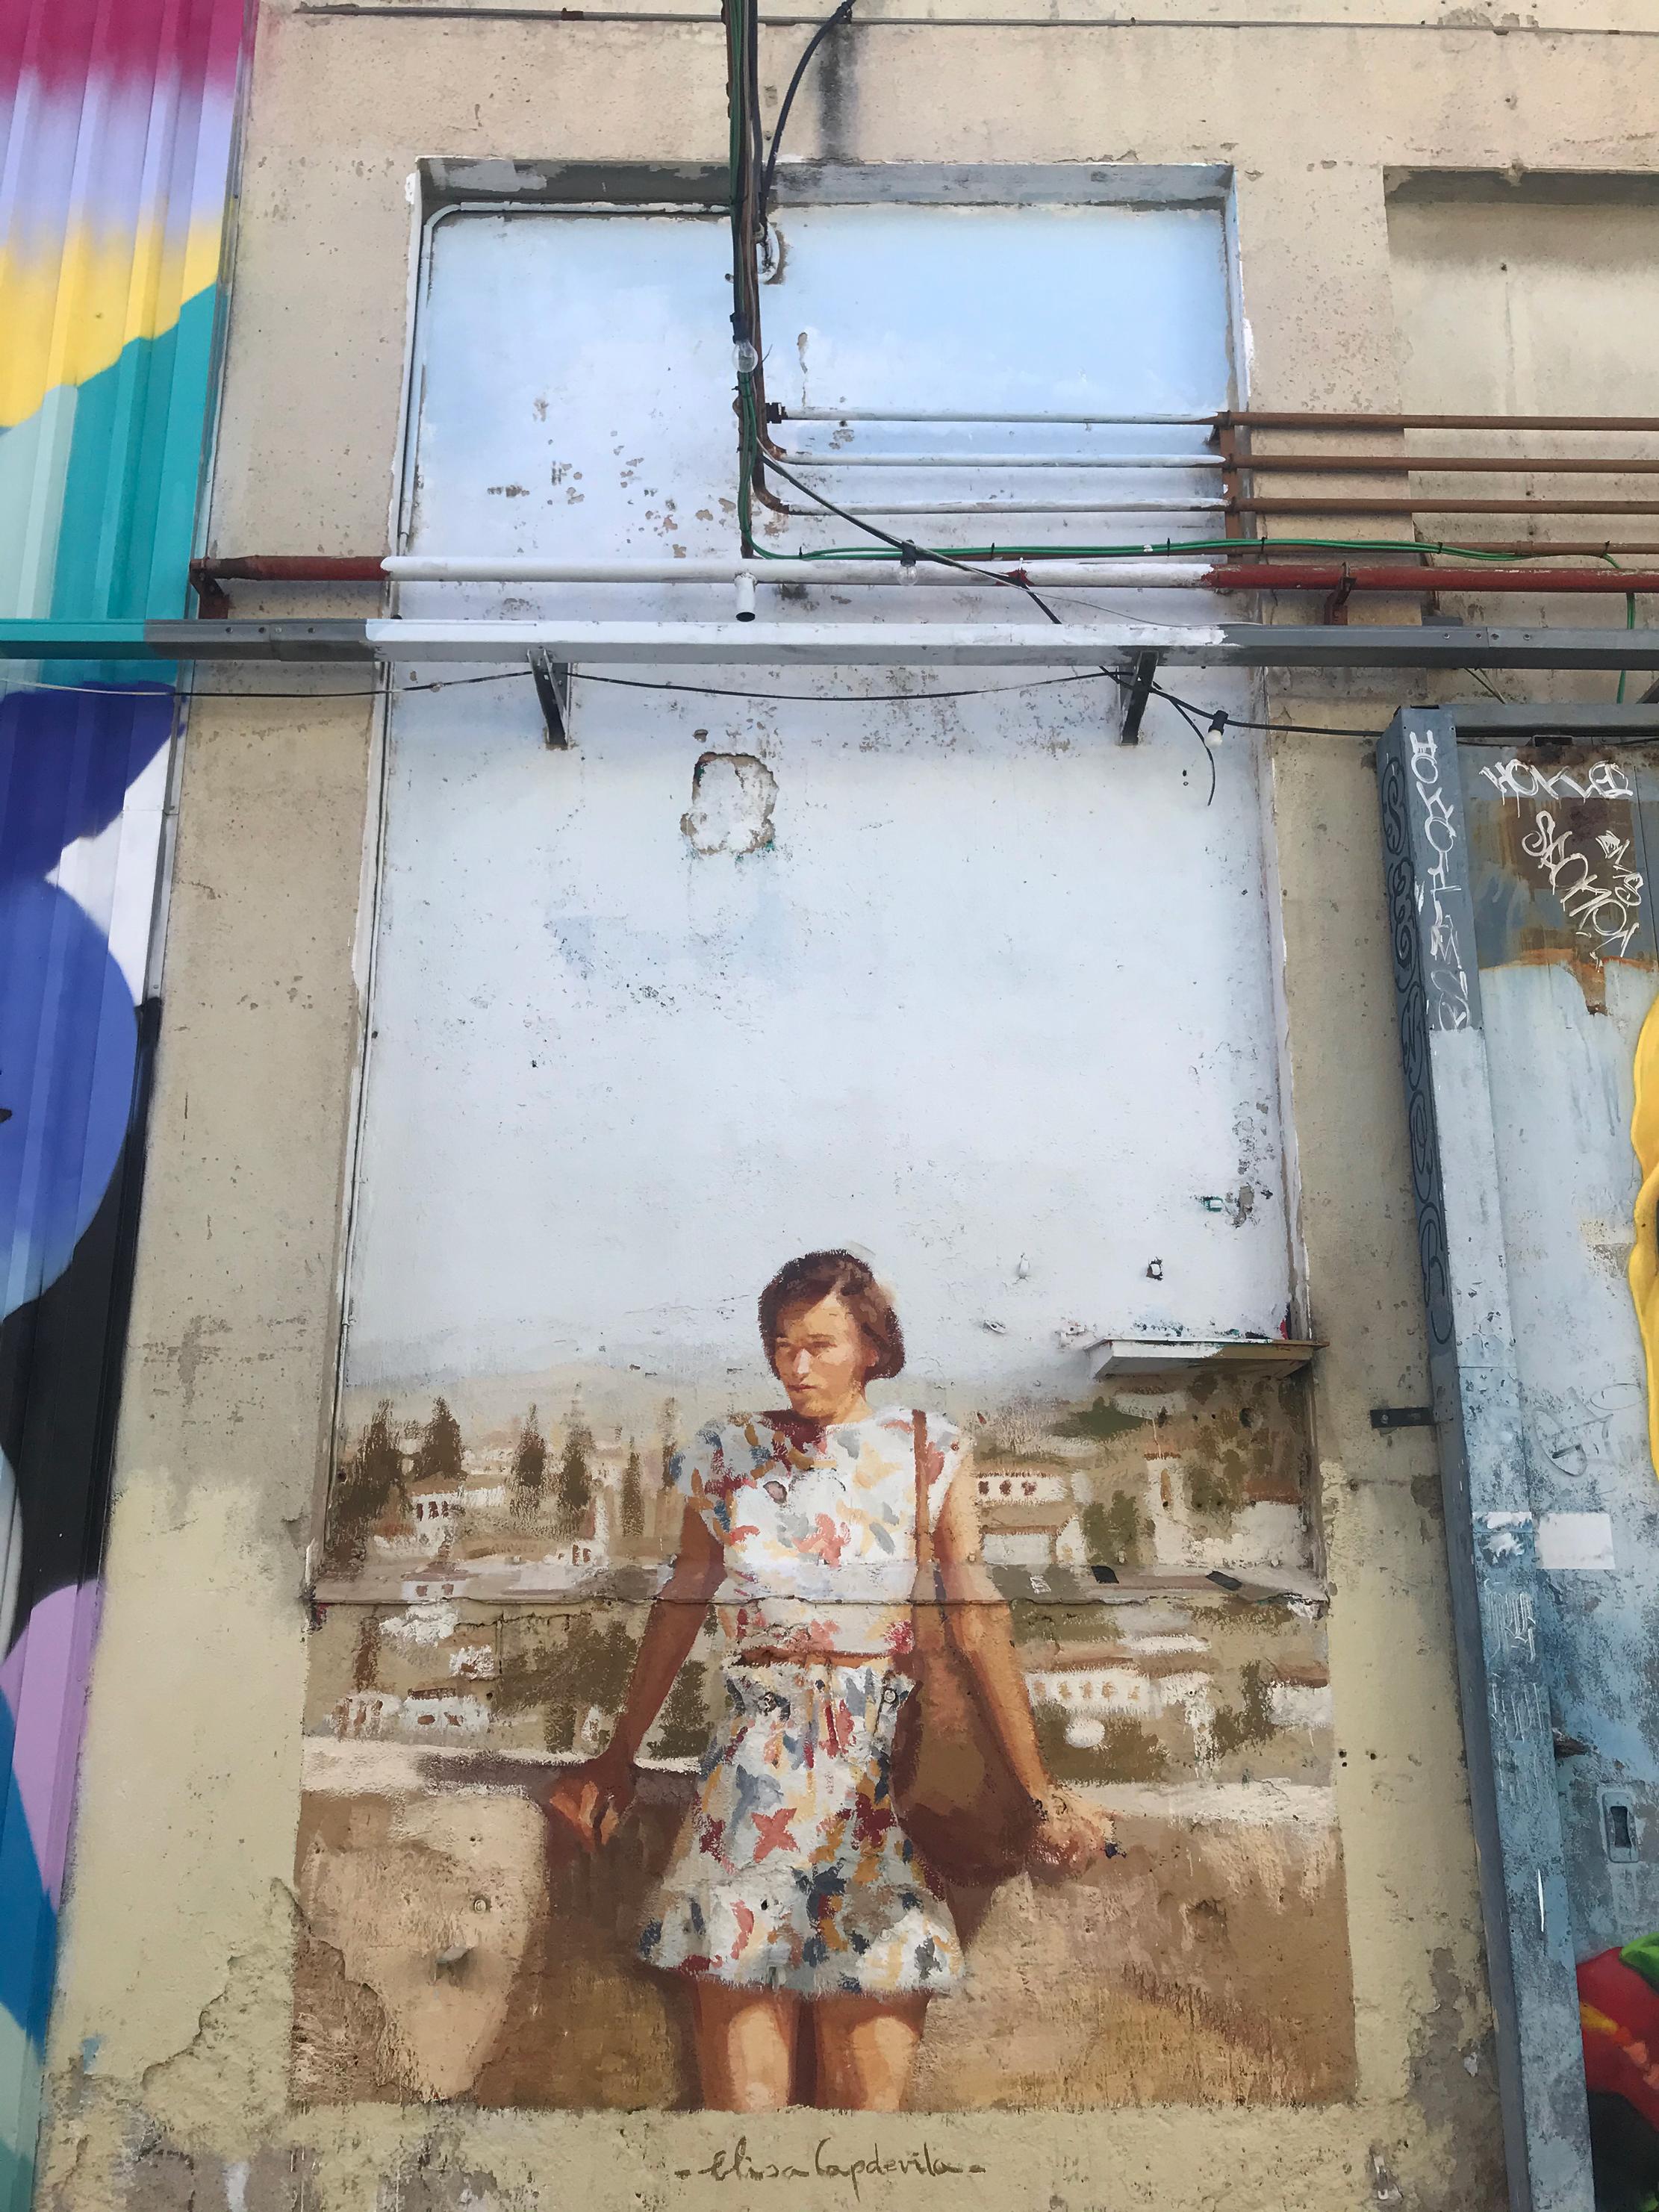 Arte urbano de Elisa Capdevila en Barcelona